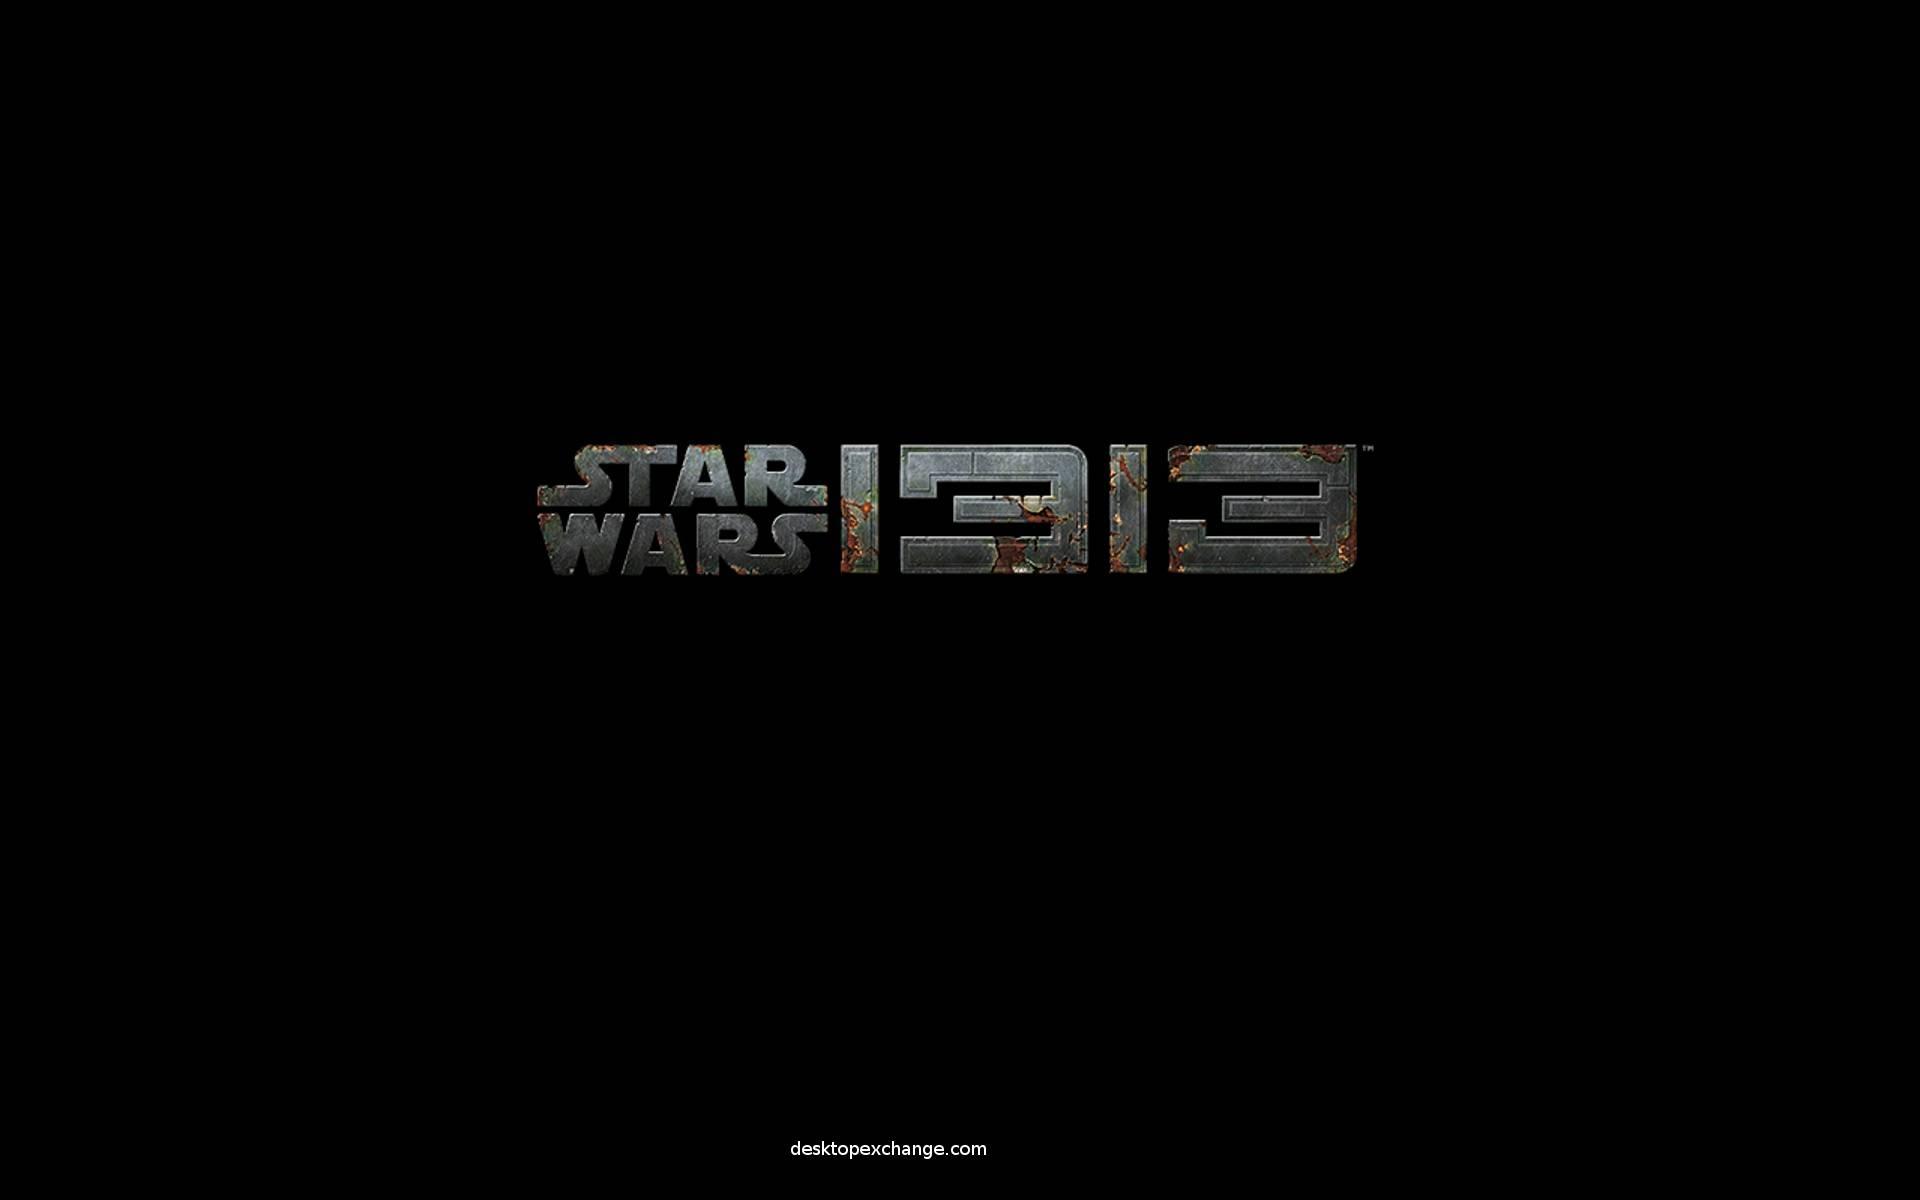 star-wars-1313-wallpaper-in-hd